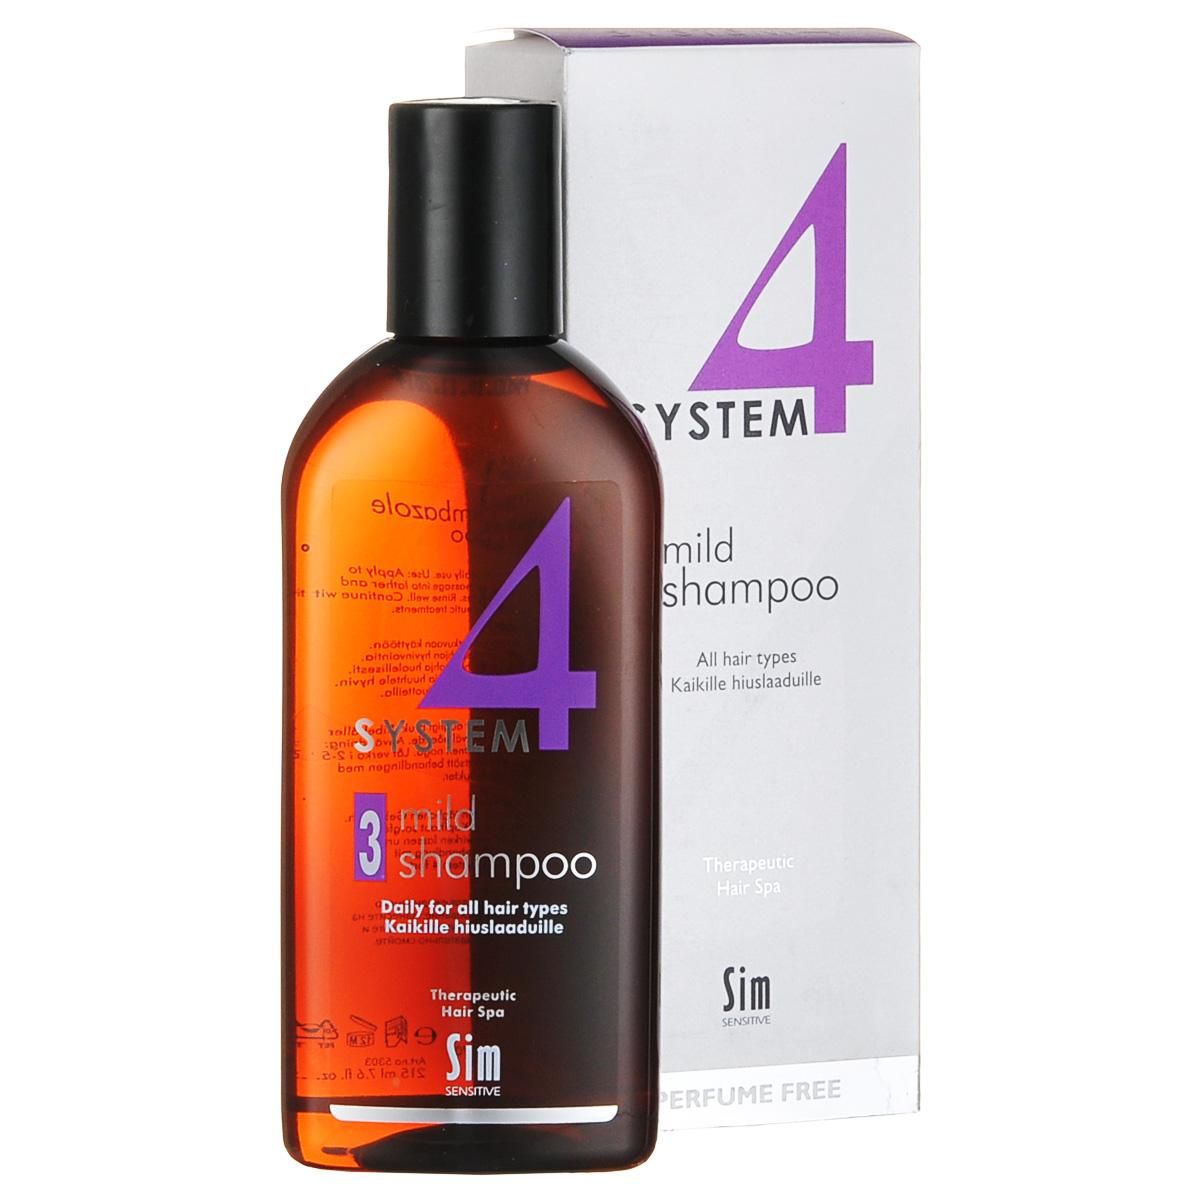 SIM SENSITIVE Терапевтический шампунь № 3 SYSTEM 4 Mild Climbazole Shampoo 3 , 215 млFS-00897КАК РАБОТАЕТ:шампунь рекомендуется для чувствительной кожи головы. Сали-циловая кислота мягко очищает, климбазол и пироктон оламинвосстанавливают микрофлору кожи головы. Гидрогенол снимаетраздражение, увлажняет и защищает волосы от воздействия уль-трафиолетовых лучей. Ментол и розмарин способствуют улучше-нию питания волосяного фолликула за счет своих стимулирующихи дезинфицирующих свойств. рН-4,7. Успокаивает кожу головыпосле окрашивания.БОРЕТСЯ С:раздражениемкожи головы и с элементами перхотис чувствительностью кожи головырецедивами после курса лечения волос и кожи головы